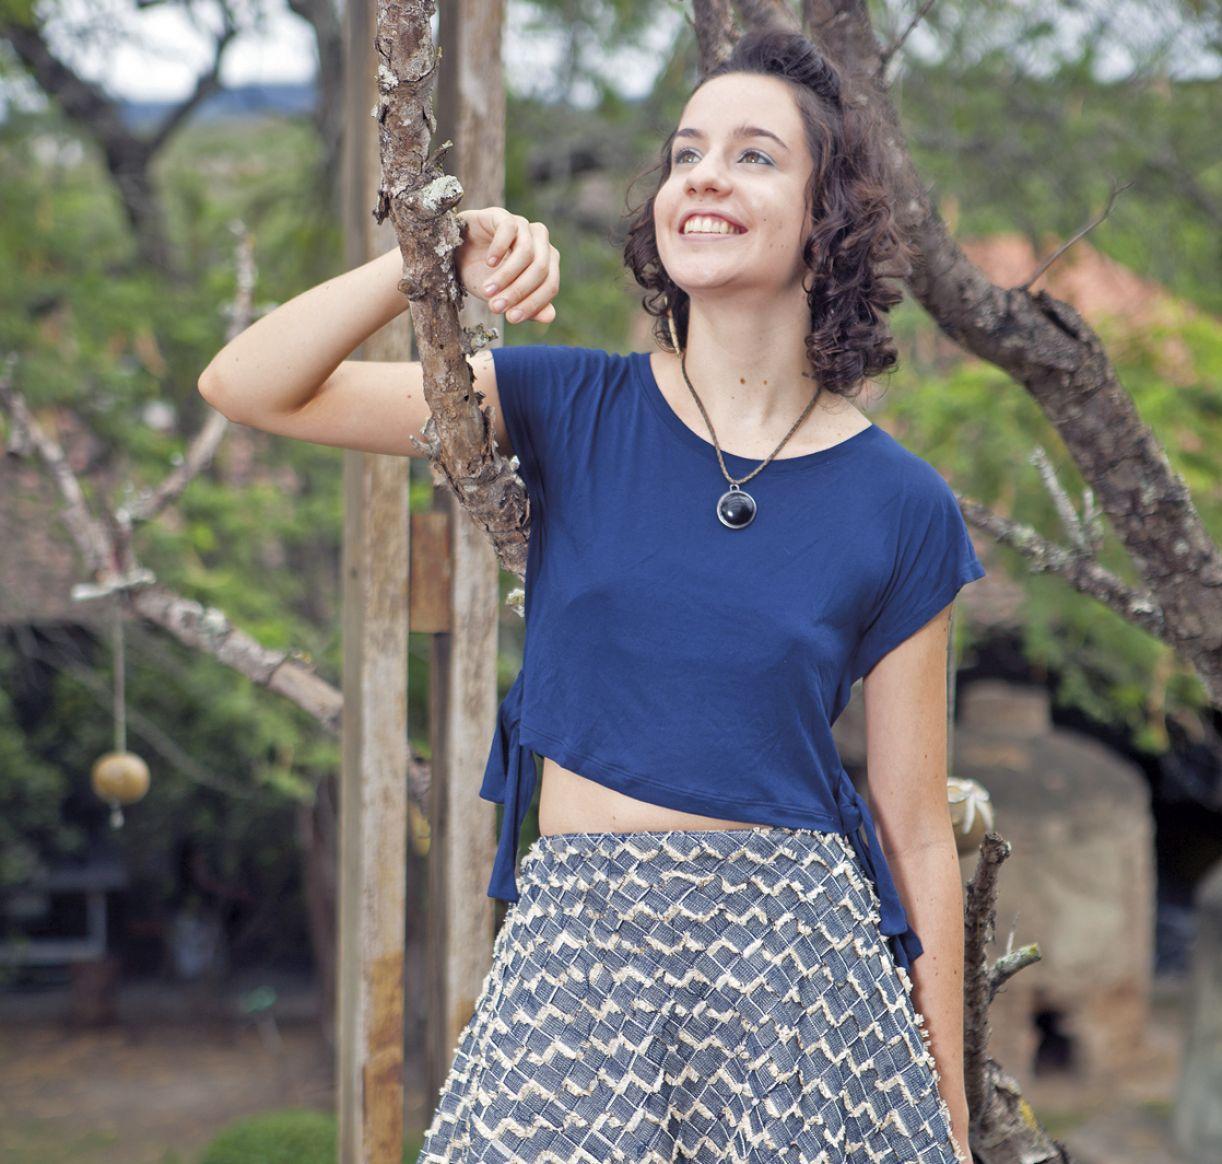 Mulheres de Argila (Caruaru) criam peças aproveitando as sobras do jeans